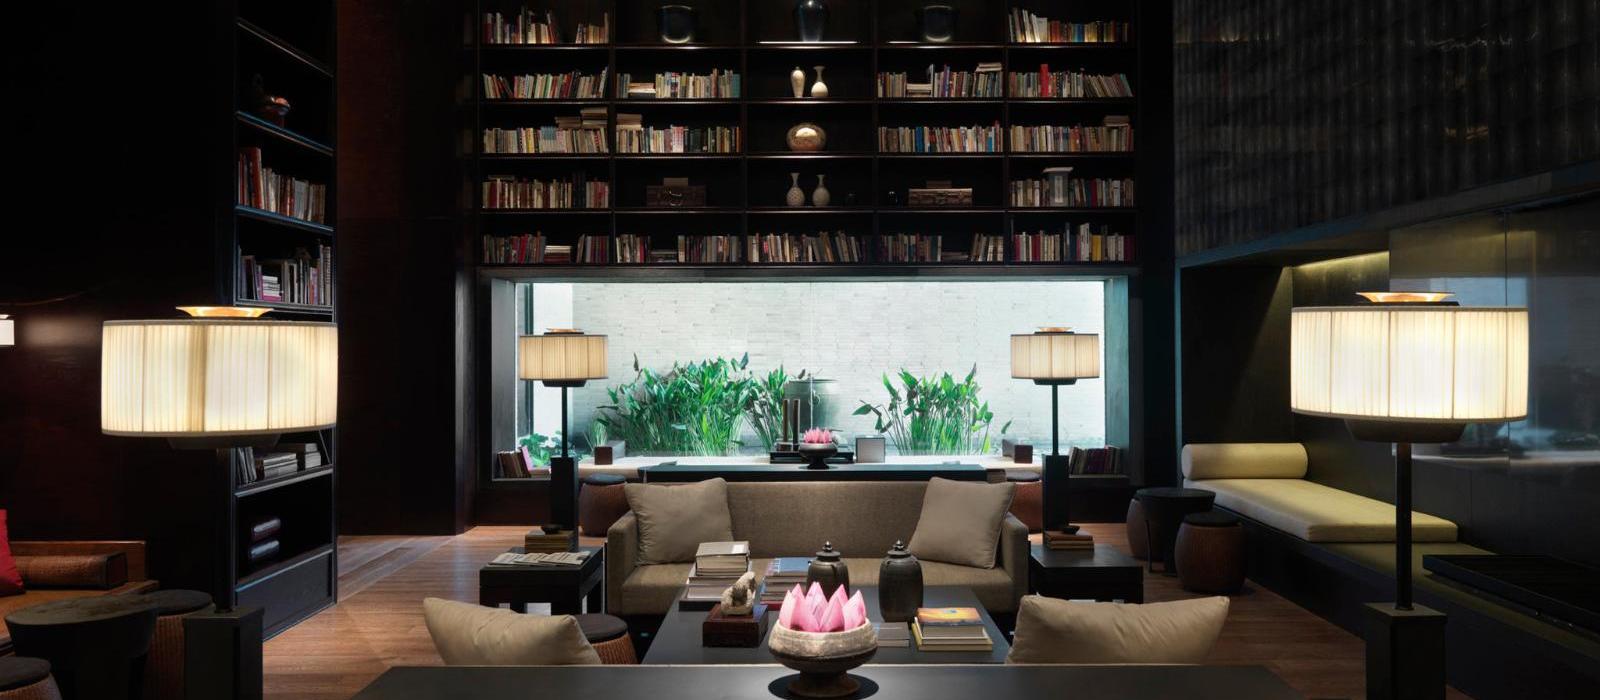 璞麗酒店(The PuLi Hotel and Spa) 书廊图片  www.lhw.cn